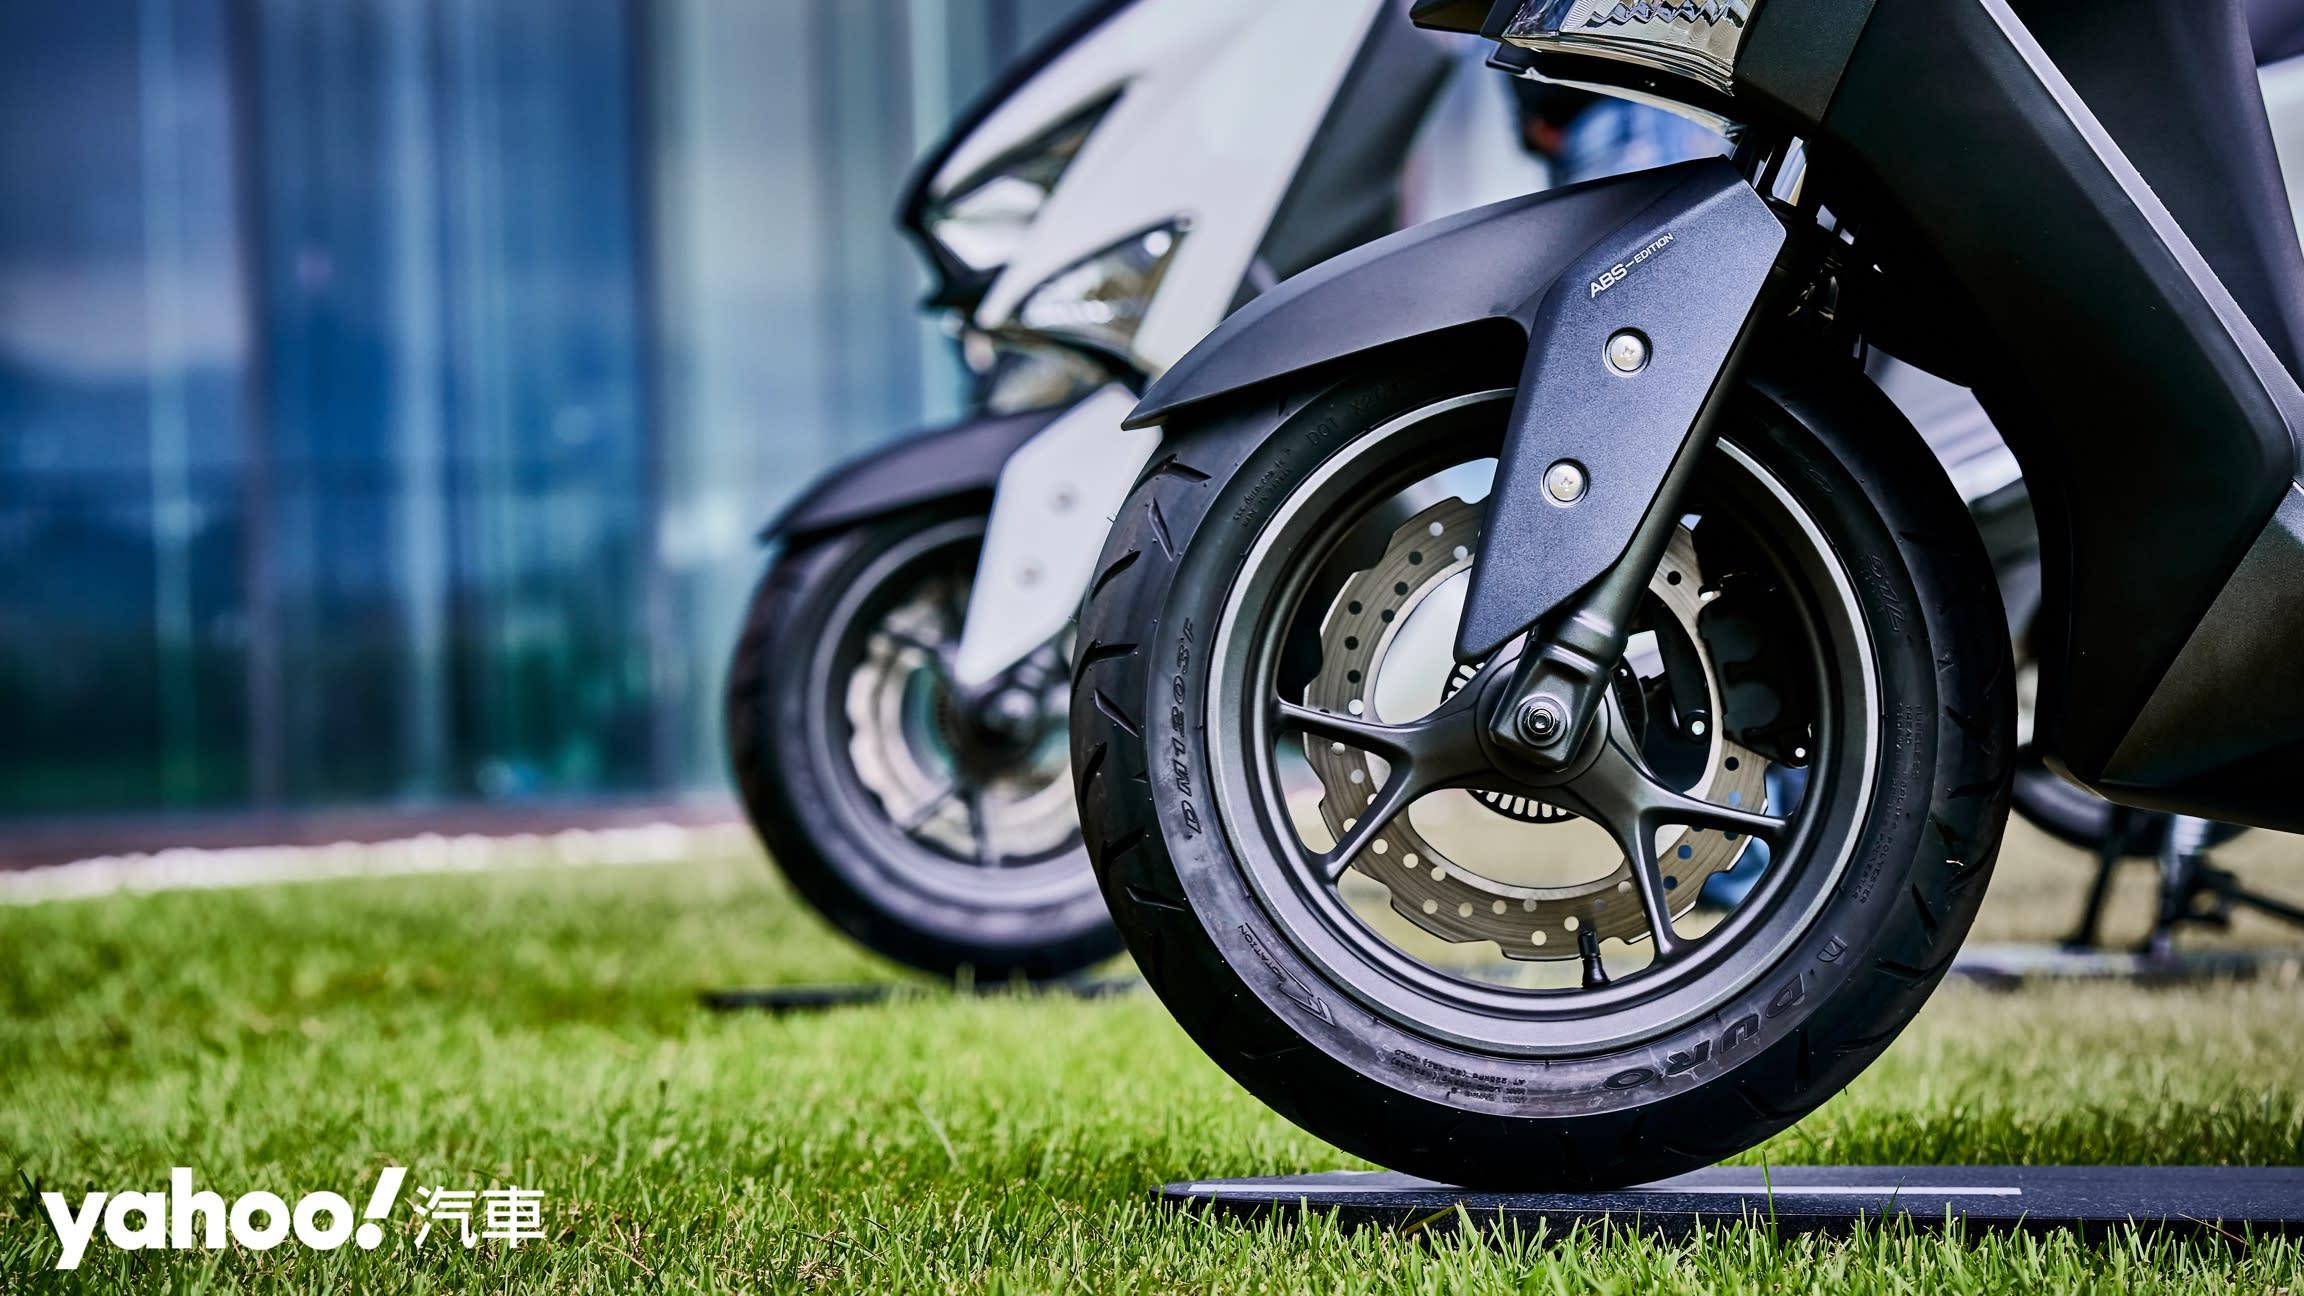 別再狼來了、這次真的是水冷!2020 Yamaha全新勁戰Cygnus Gryphus正式發表! - 10